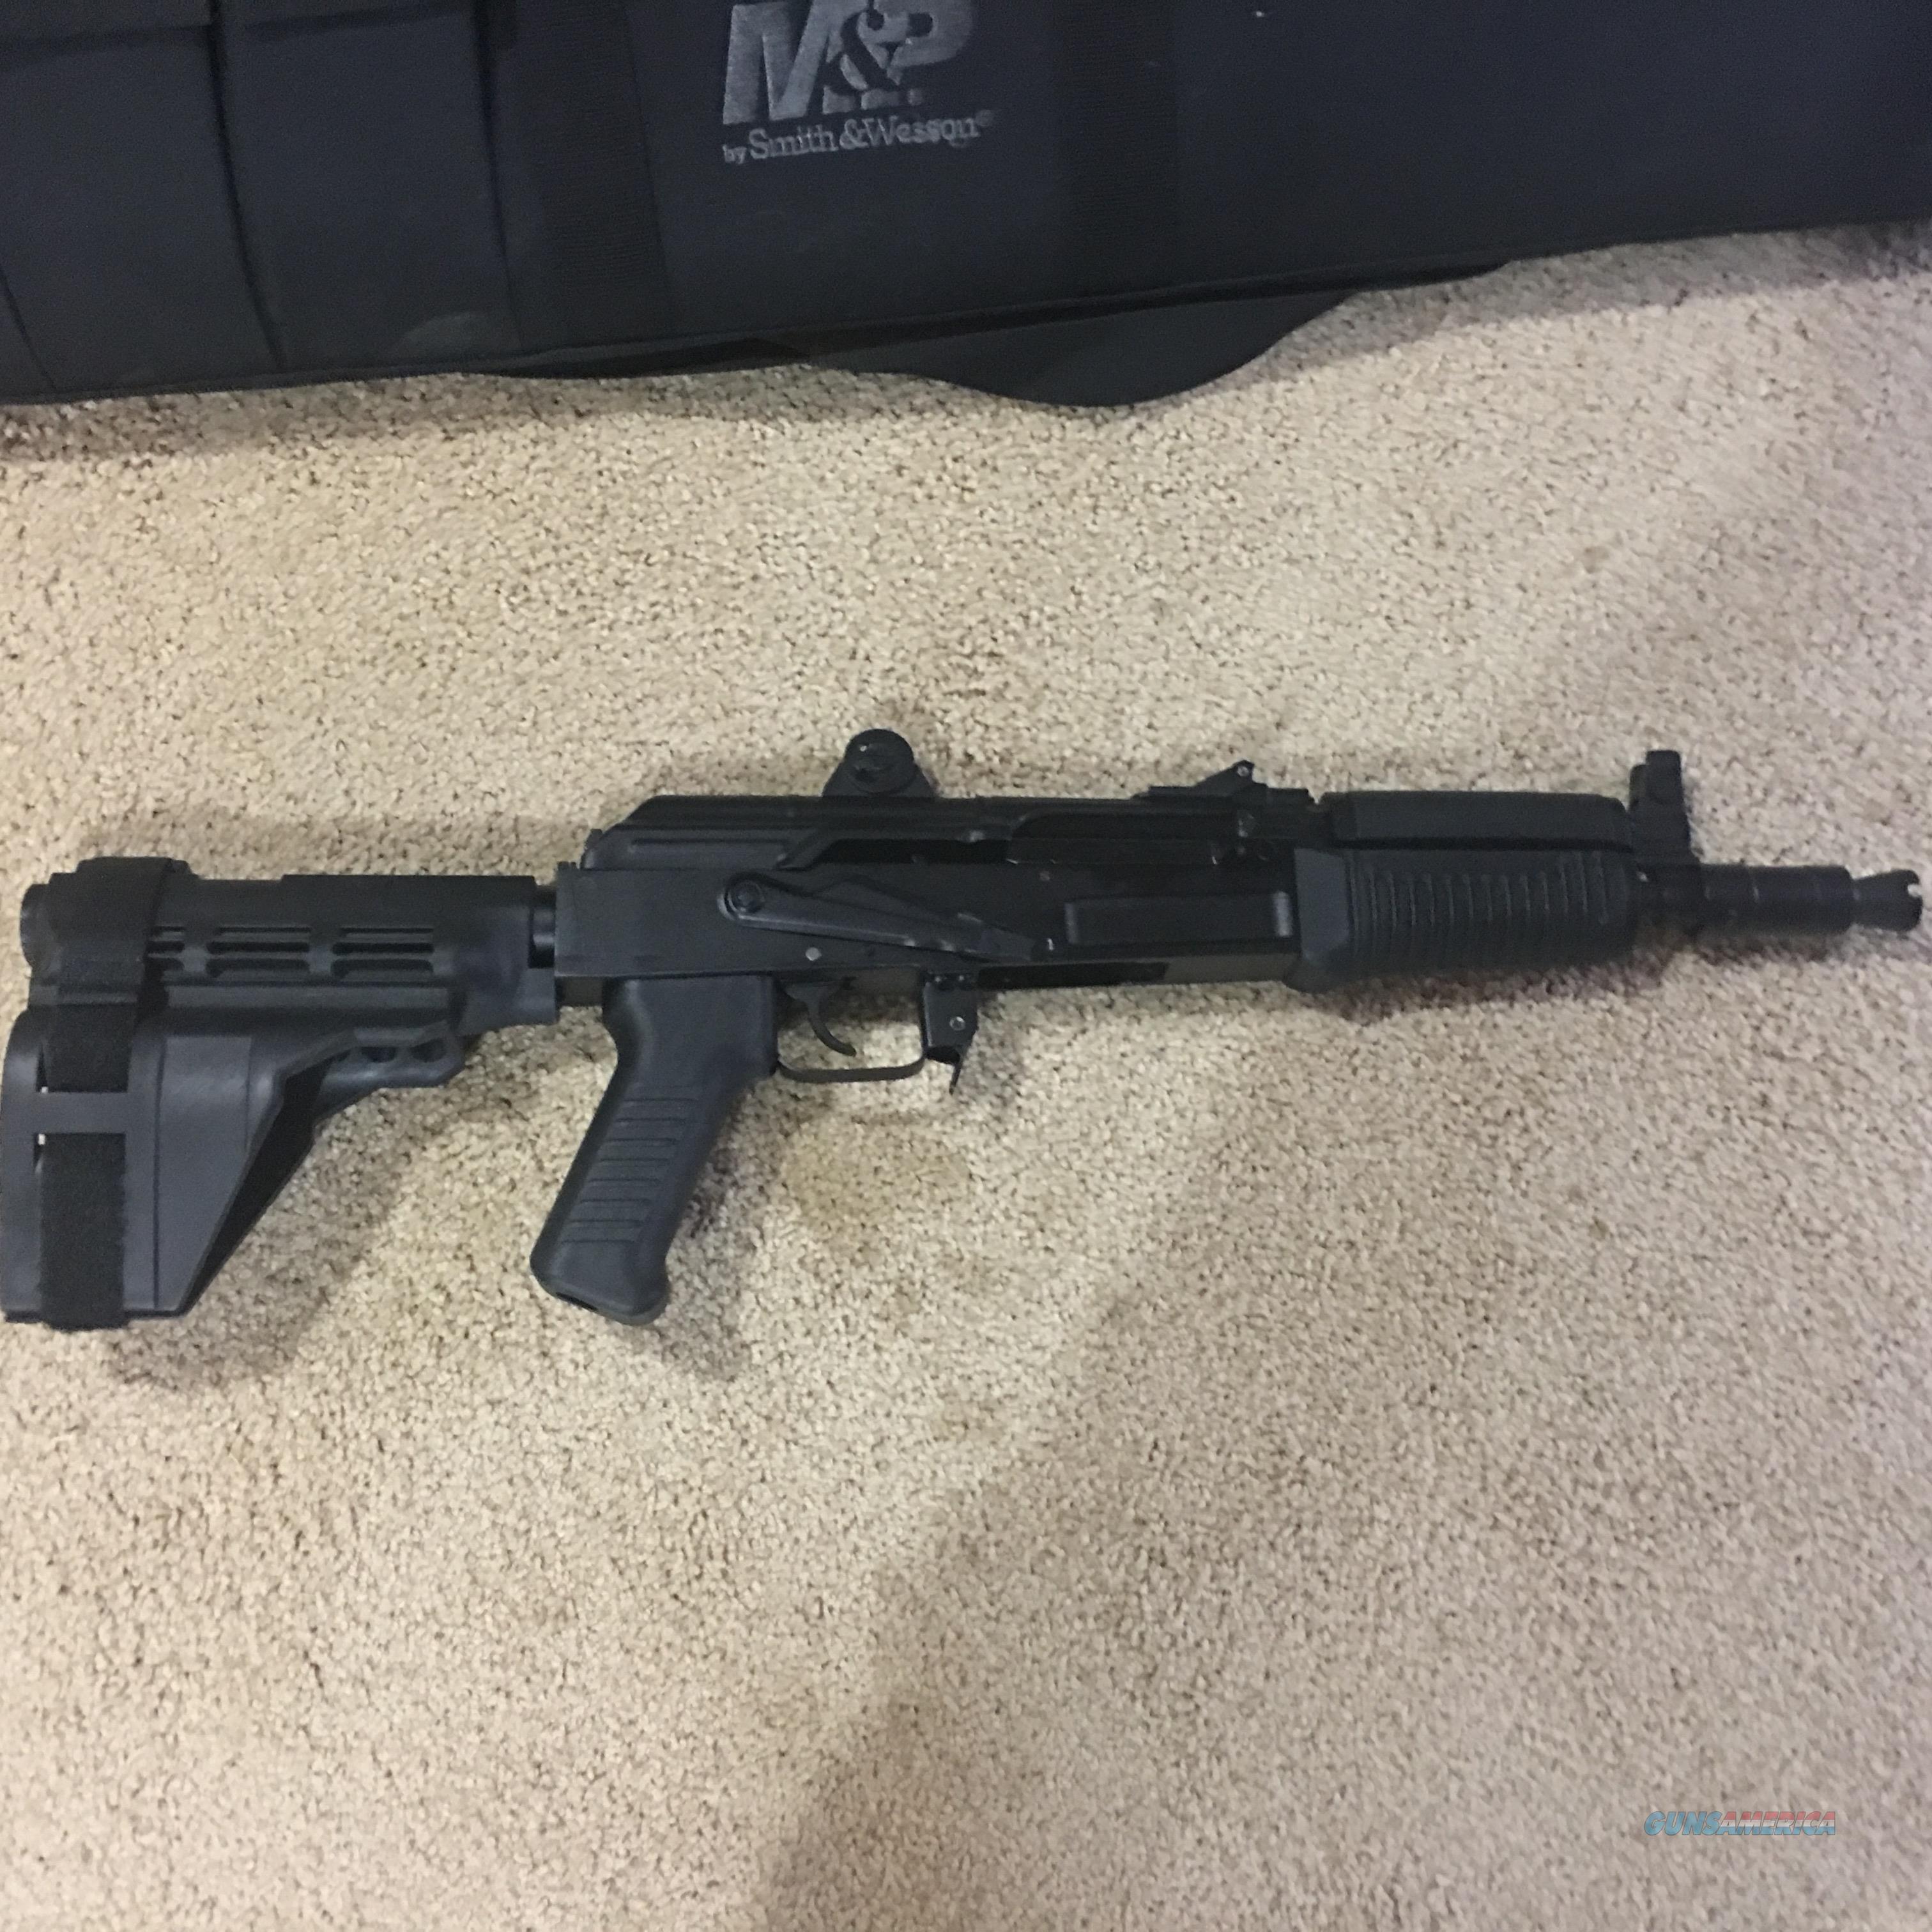 Arsenal SM-7  Guns > Pistols > AK-47 Pistols